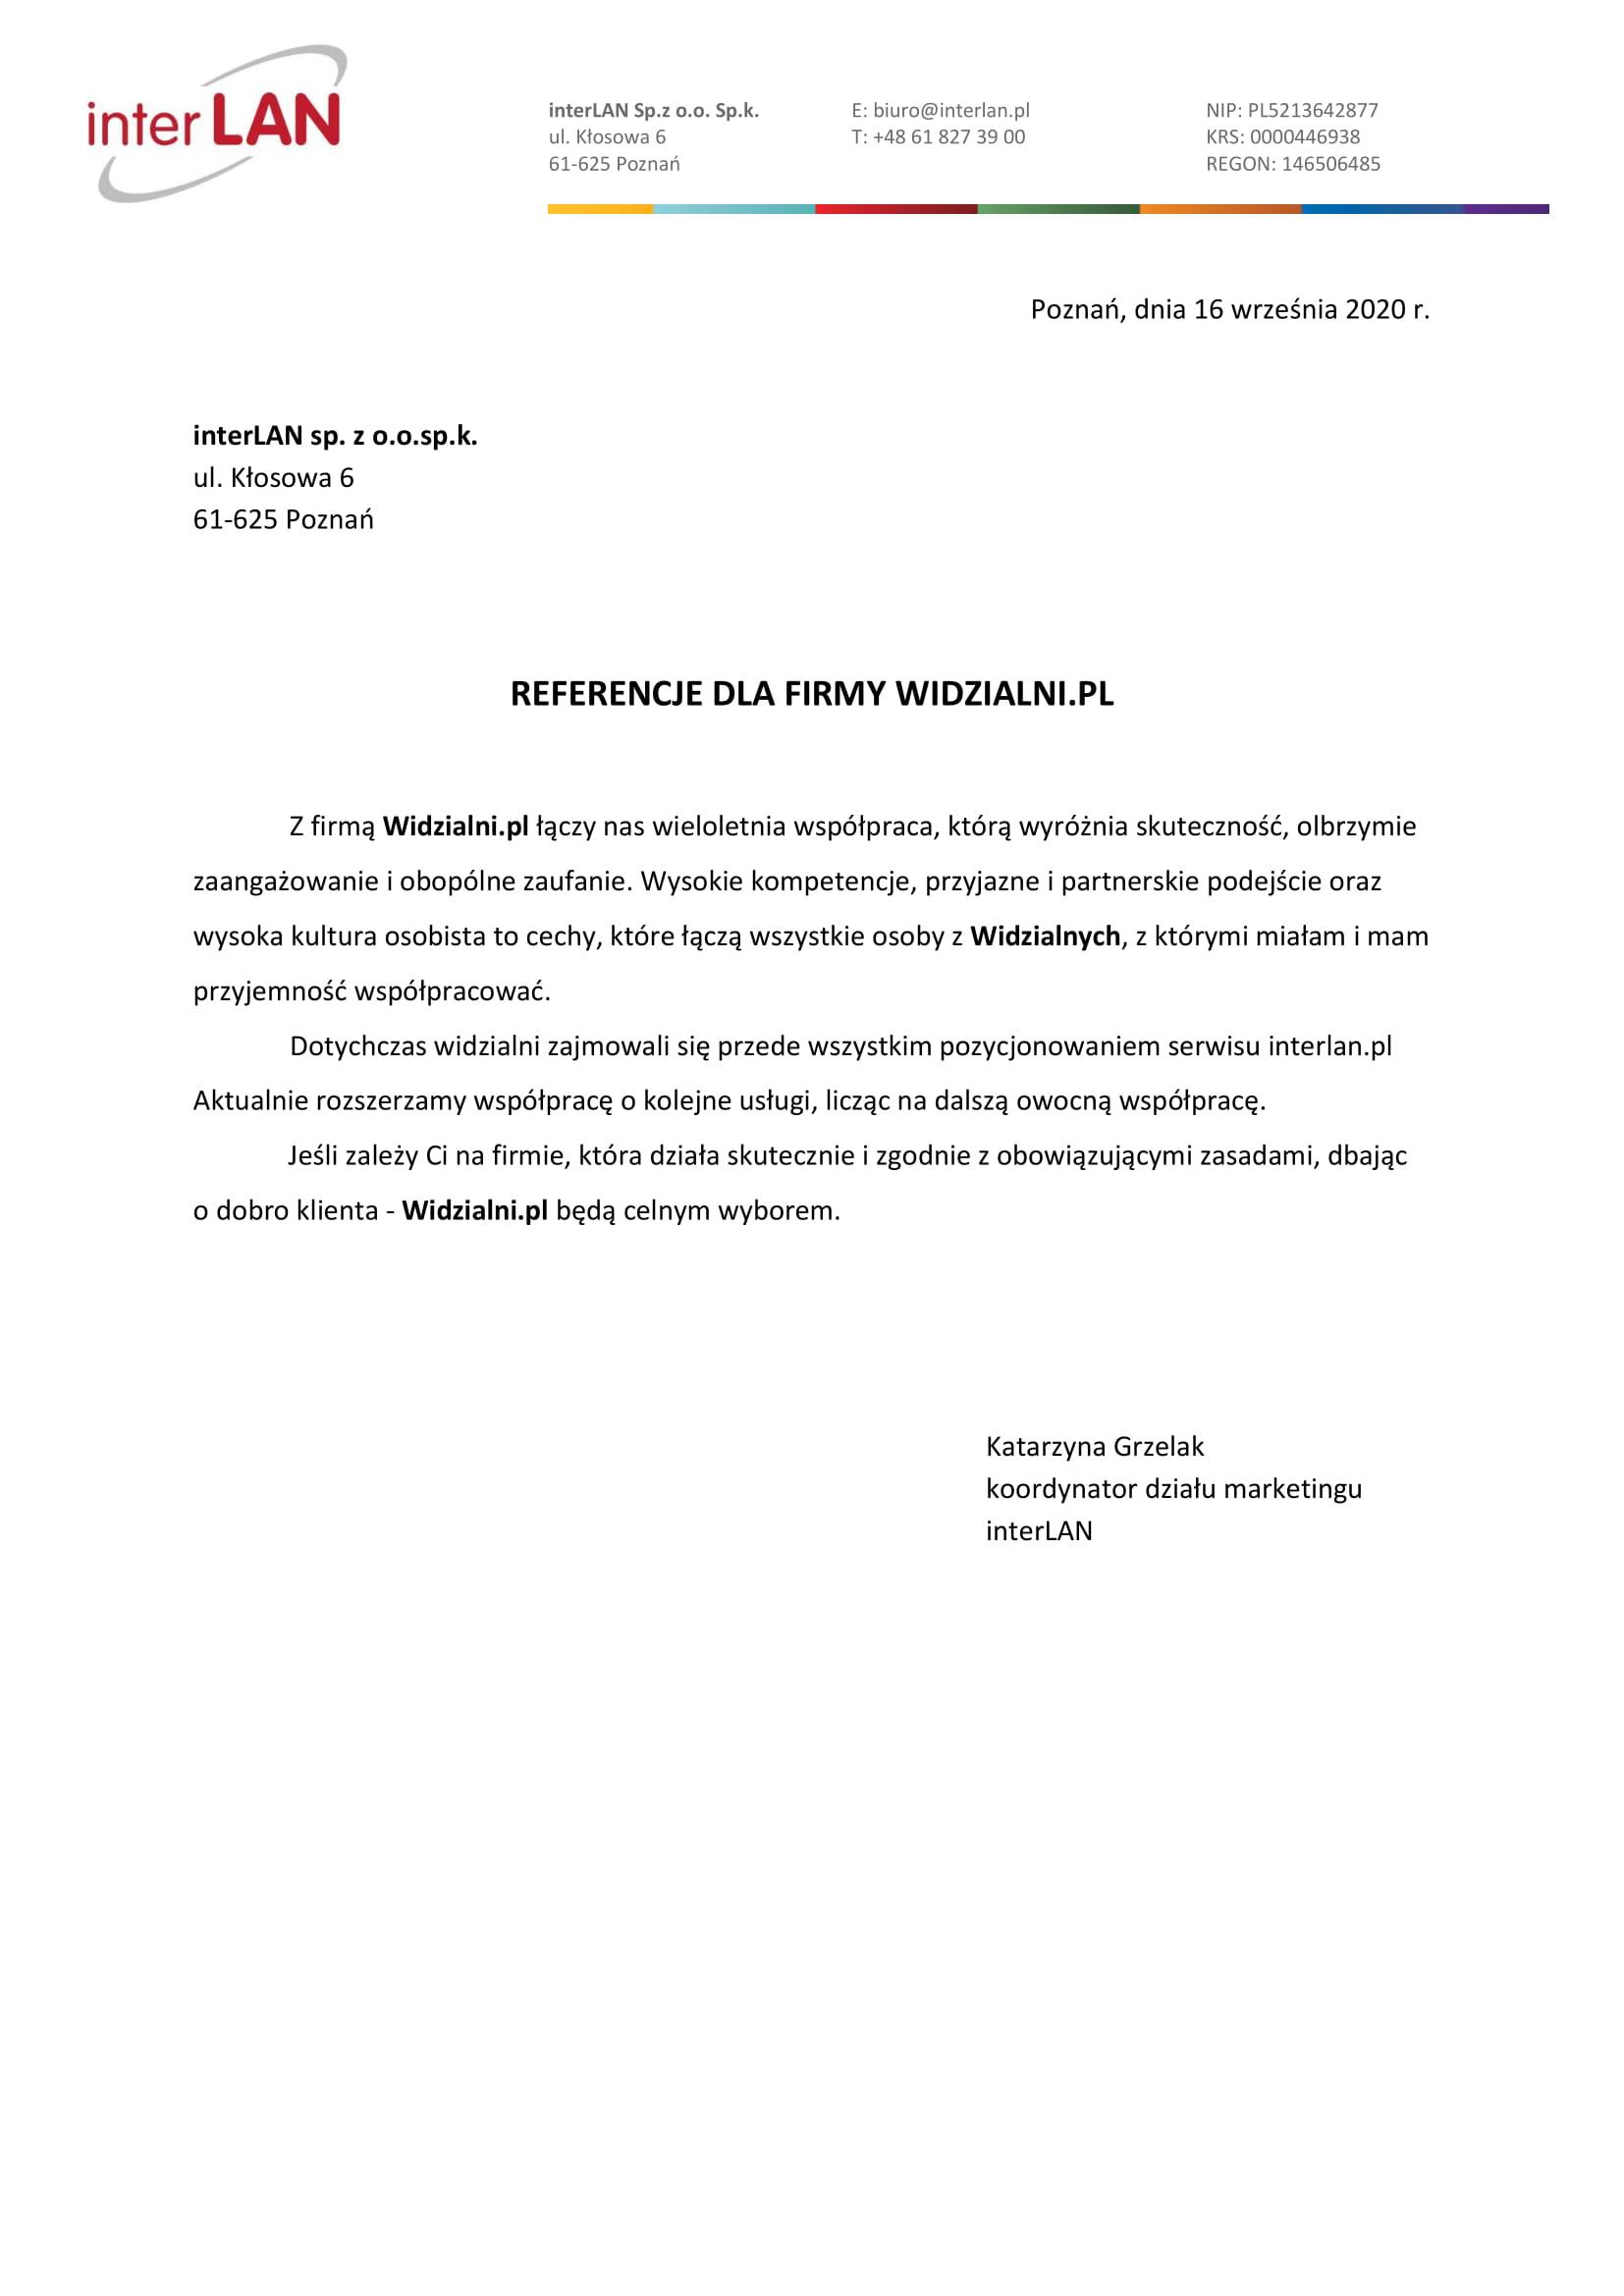 Referencje Widzialni.pl interLAN sp. z o.o.sp.k.